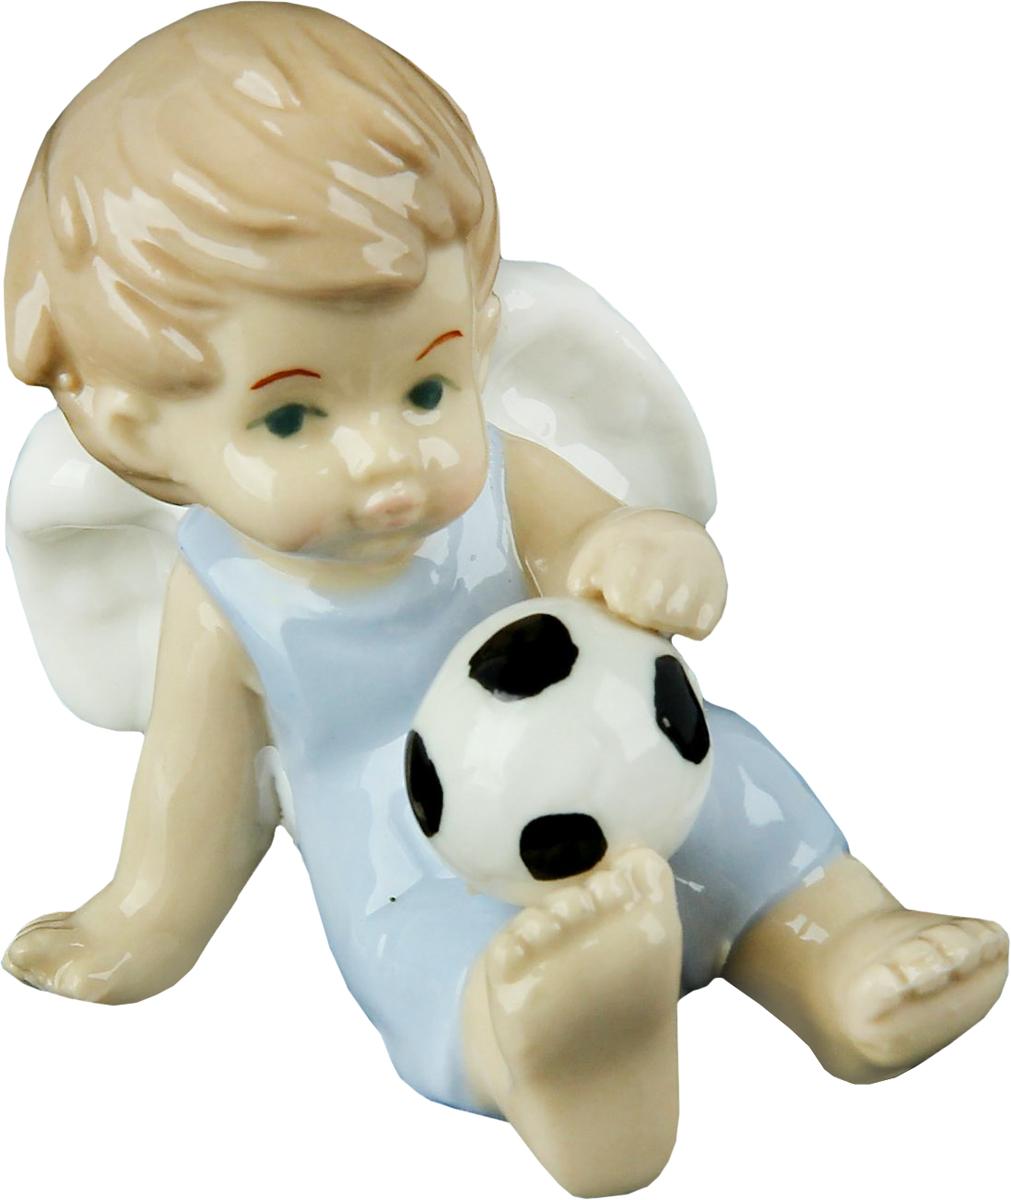 Сувенир пасхальный Sima-land Ангел в голубом комбезике с футбольным мячом, 6 х 4 х 7,5 смMARTINEZ 75032-1W ANTIQUEАнгел в переводе с древнегреческого языка означает вестник, посланец, пусть этот сувенир Ангел в голубом комбезике с футбольным мячом будет вашим личным посланником, который защитит вас и близких от невзгод. Преподнесите эту изящную статуэтку на Пасху в корзинке с разноцветными яйцами, на Рождество вместе с конфетками, в День ангела со сладким тортом или в любой другой день, ведь для такого подарка со смыслом не обязательно нужен повод.